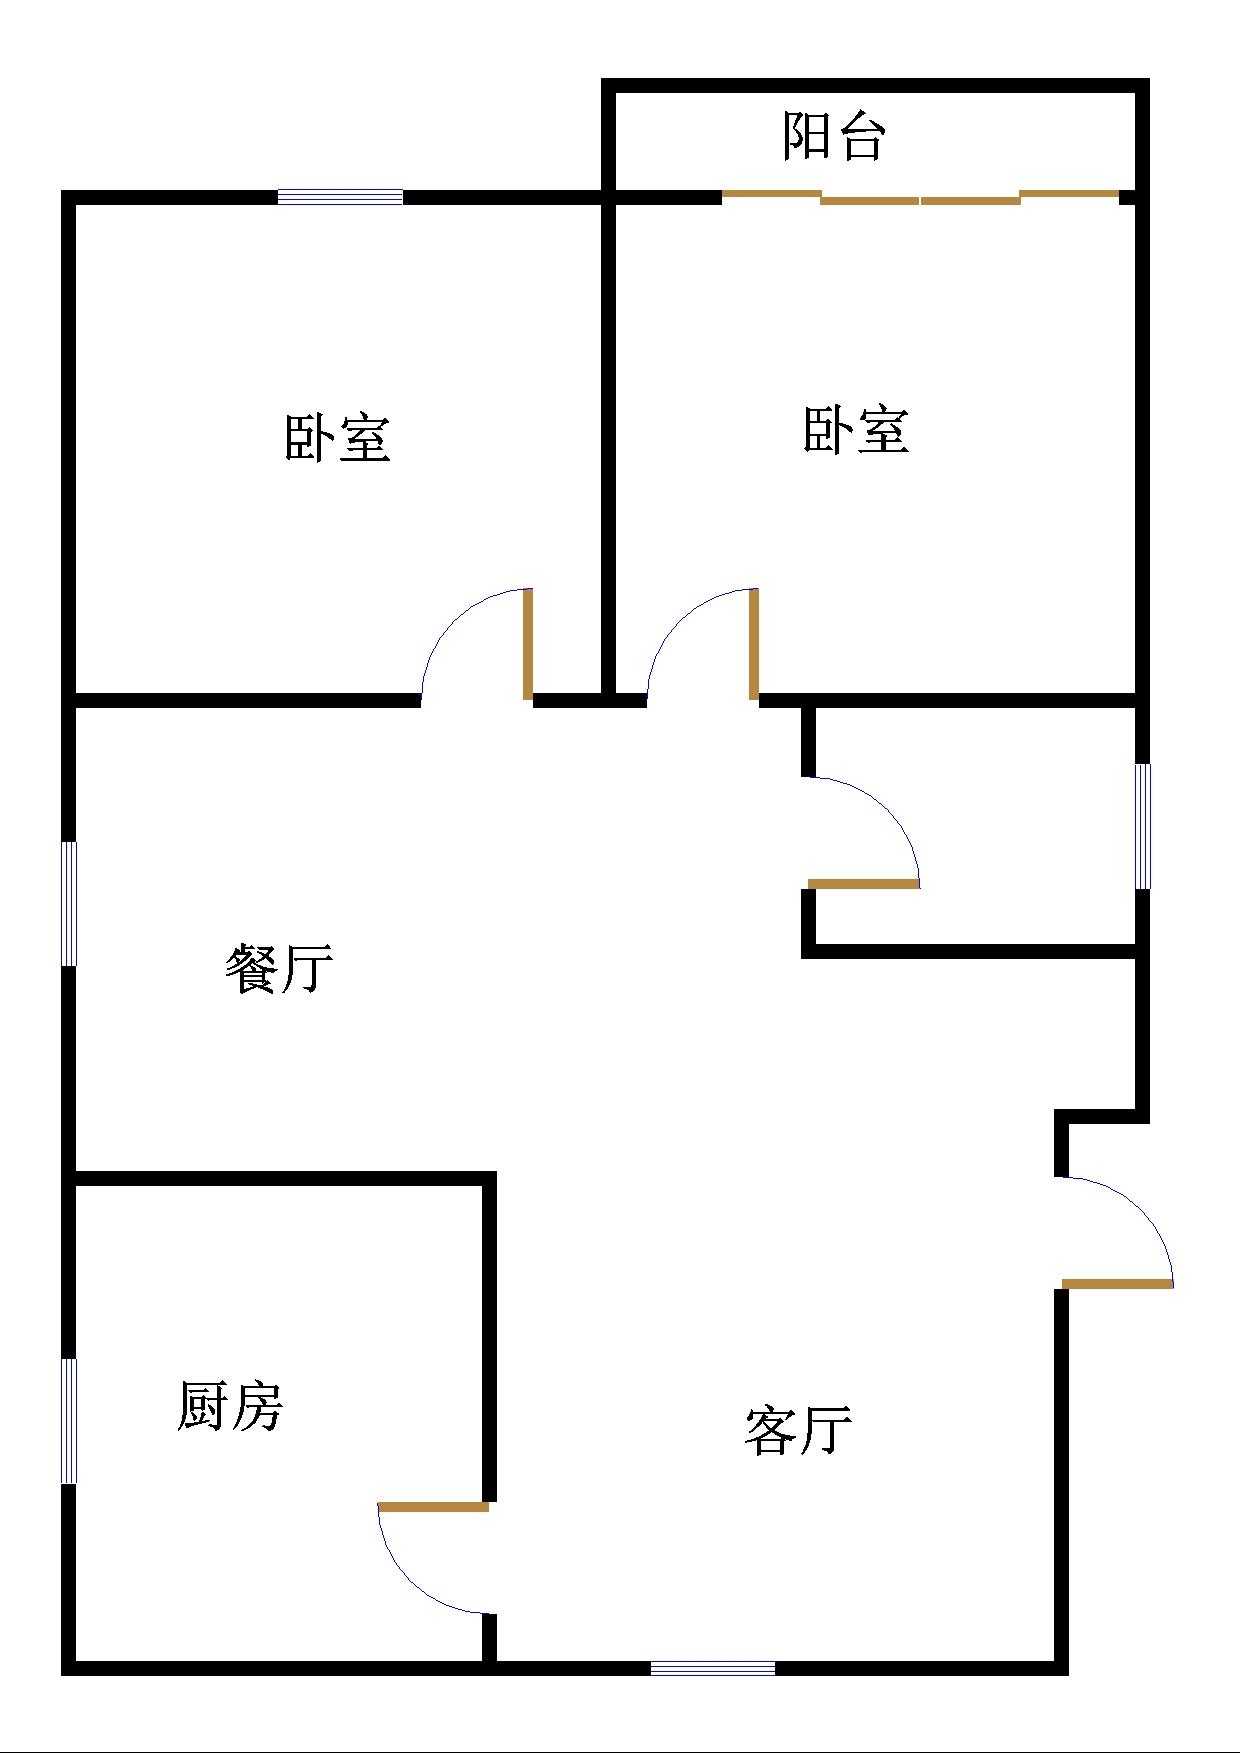 萧何庄园 2室2厅  简装 88万